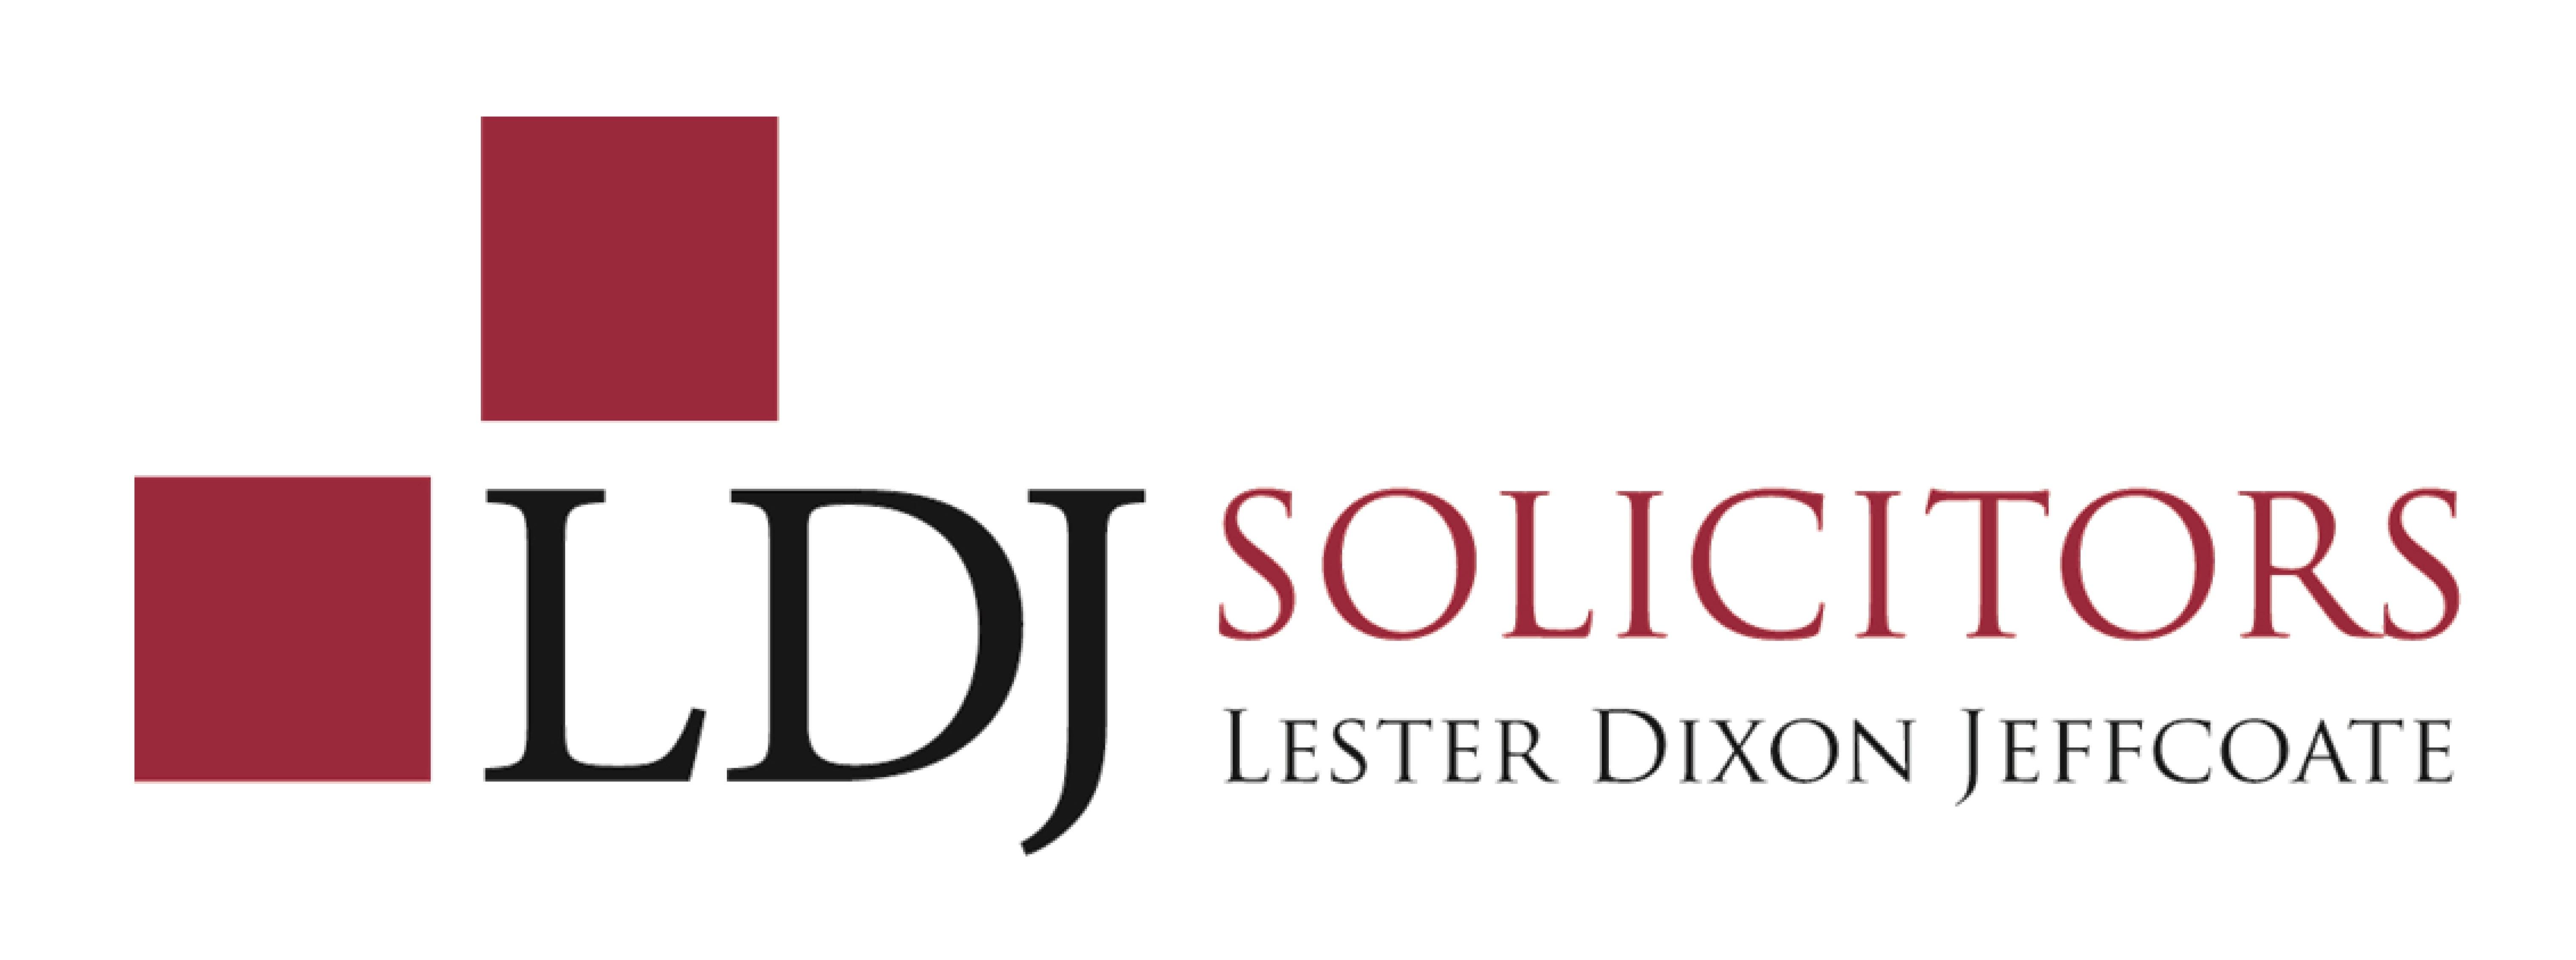 LDJ Solicitors